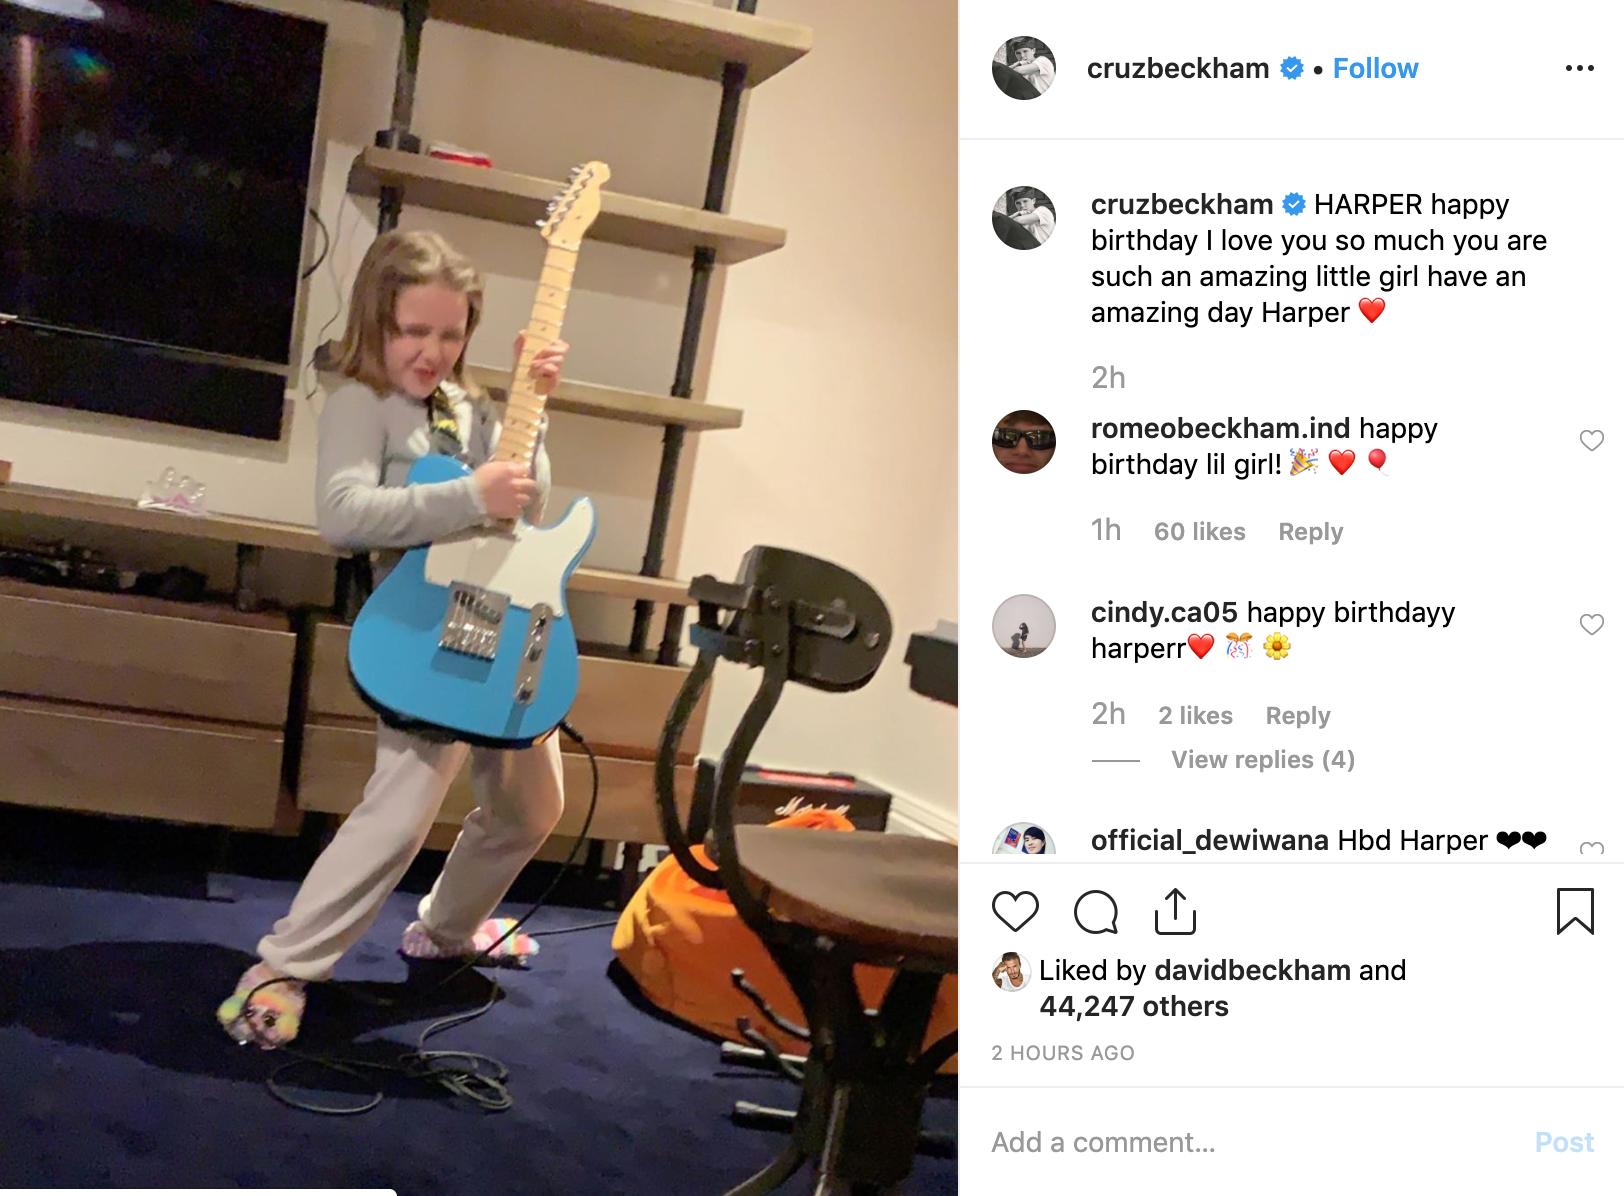 Cả nhà Beckham đăng ảnh chúc mừng sinh nhật Harper 8 tuổi, nhan sắc rực rỡ đáng yêu của cô bé gây chú ý - Ảnh 5.